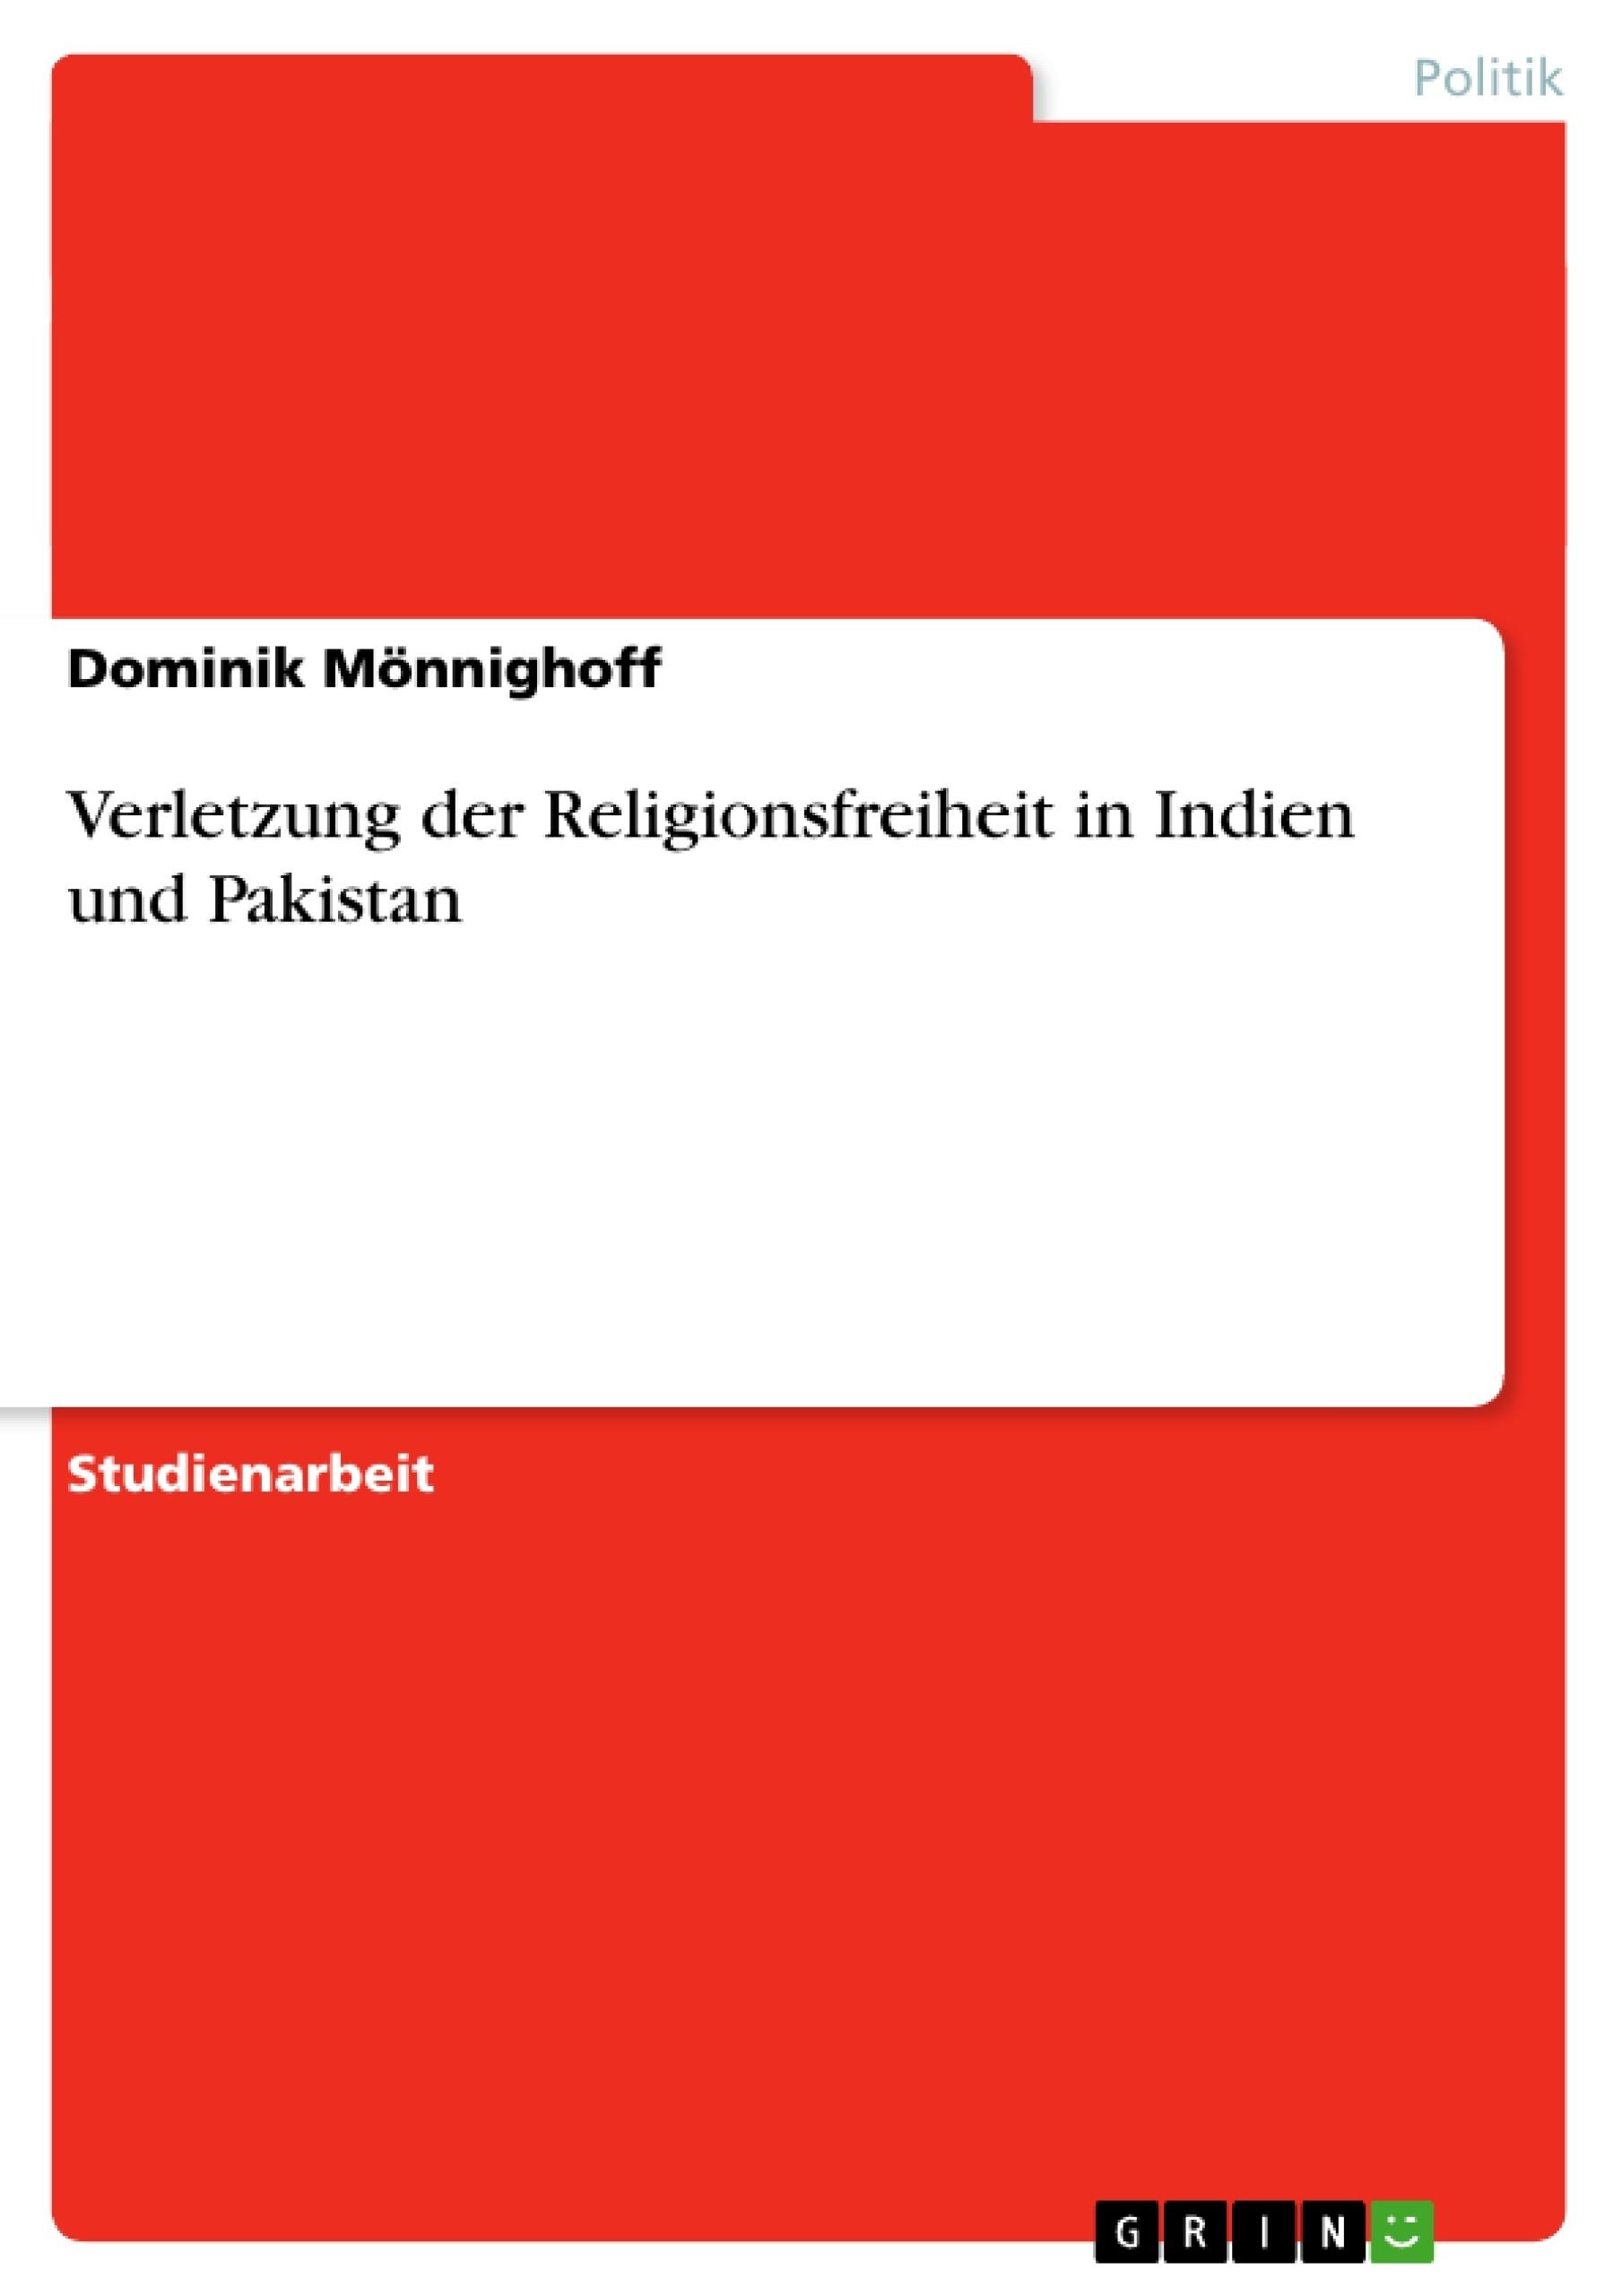 Titel: Verletzung der Religionsfreiheit in Indien und Pakistan